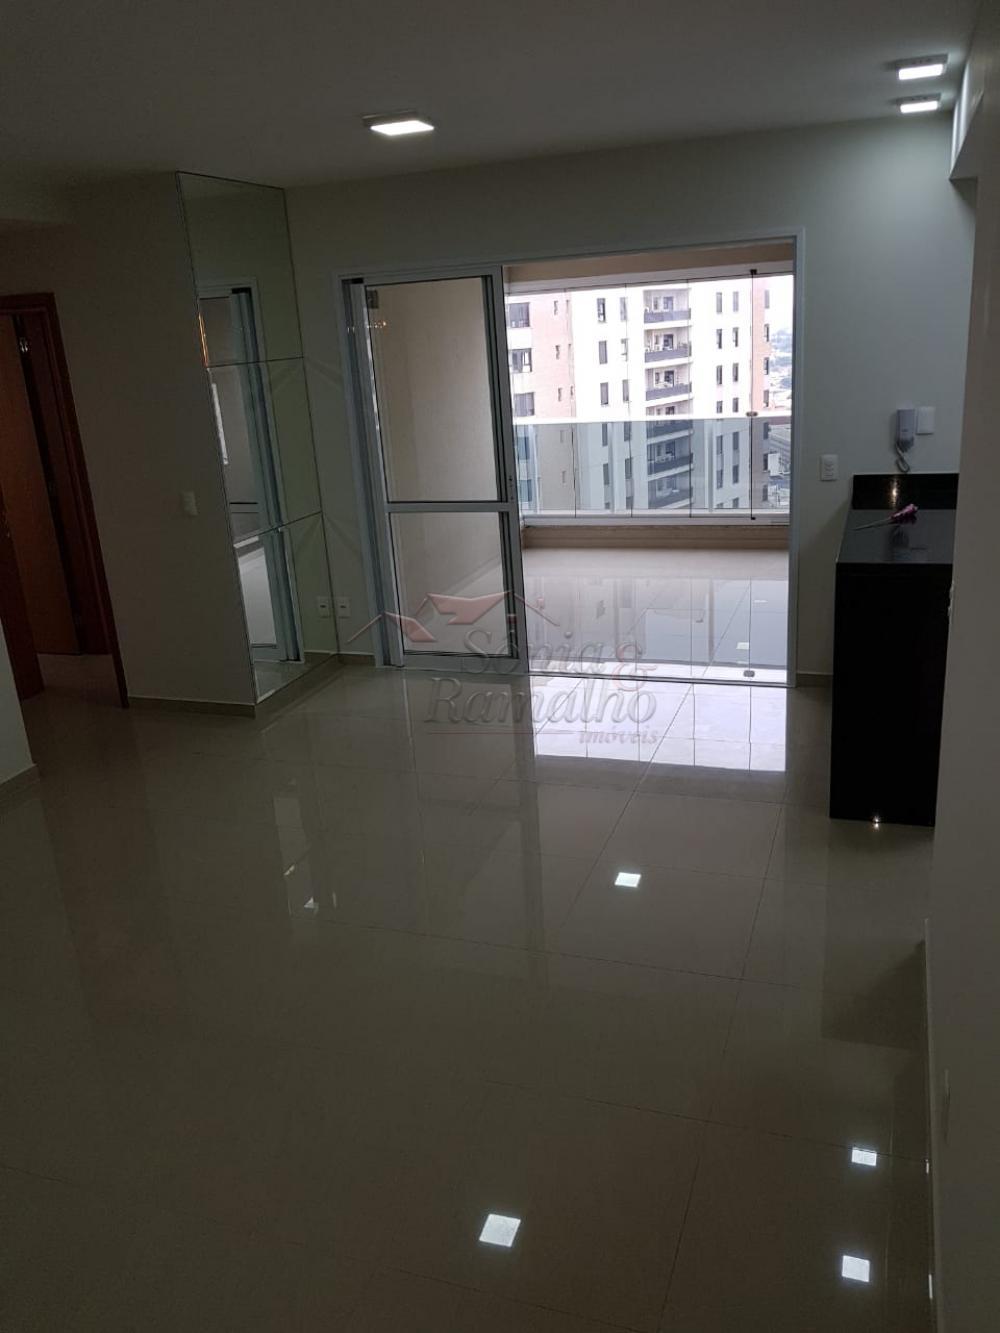 Alugar Apartamentos / Padrão em Ribeirão Preto apenas R$ 1.900,00 - Foto 6